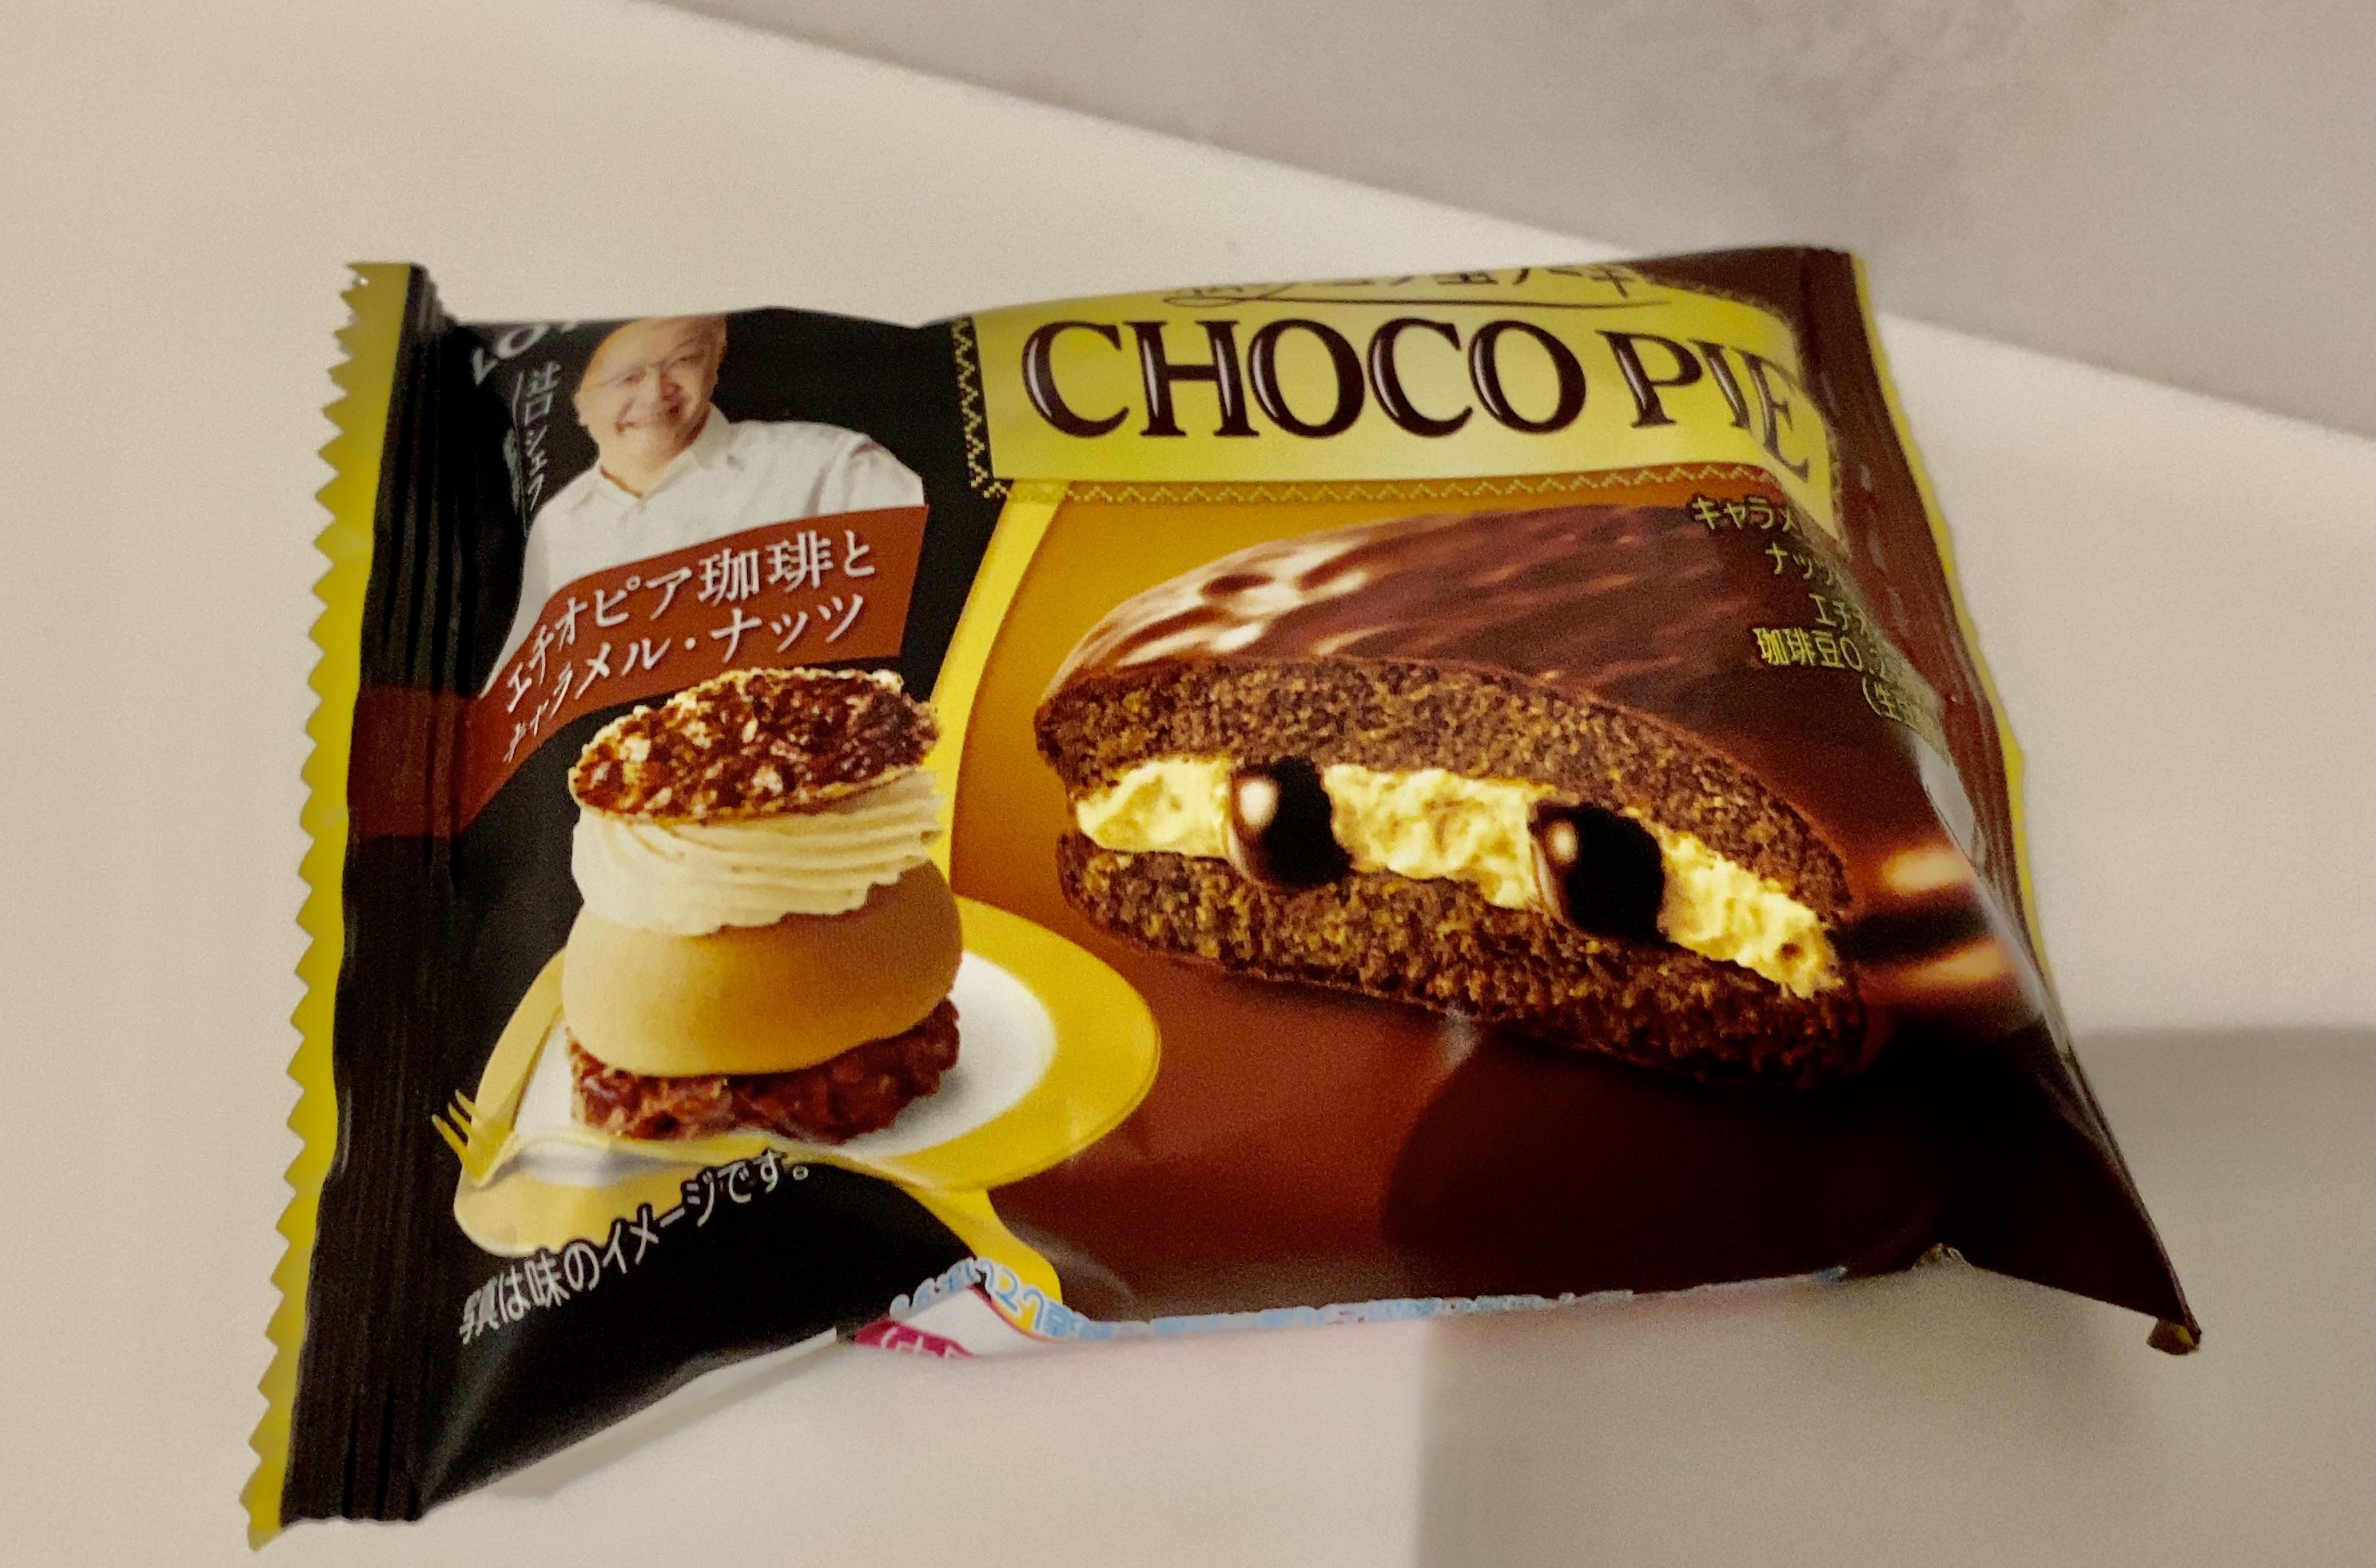 私の三つ星ケーキ エチオピア珈琲とキャラメルナッツ チョコパイ